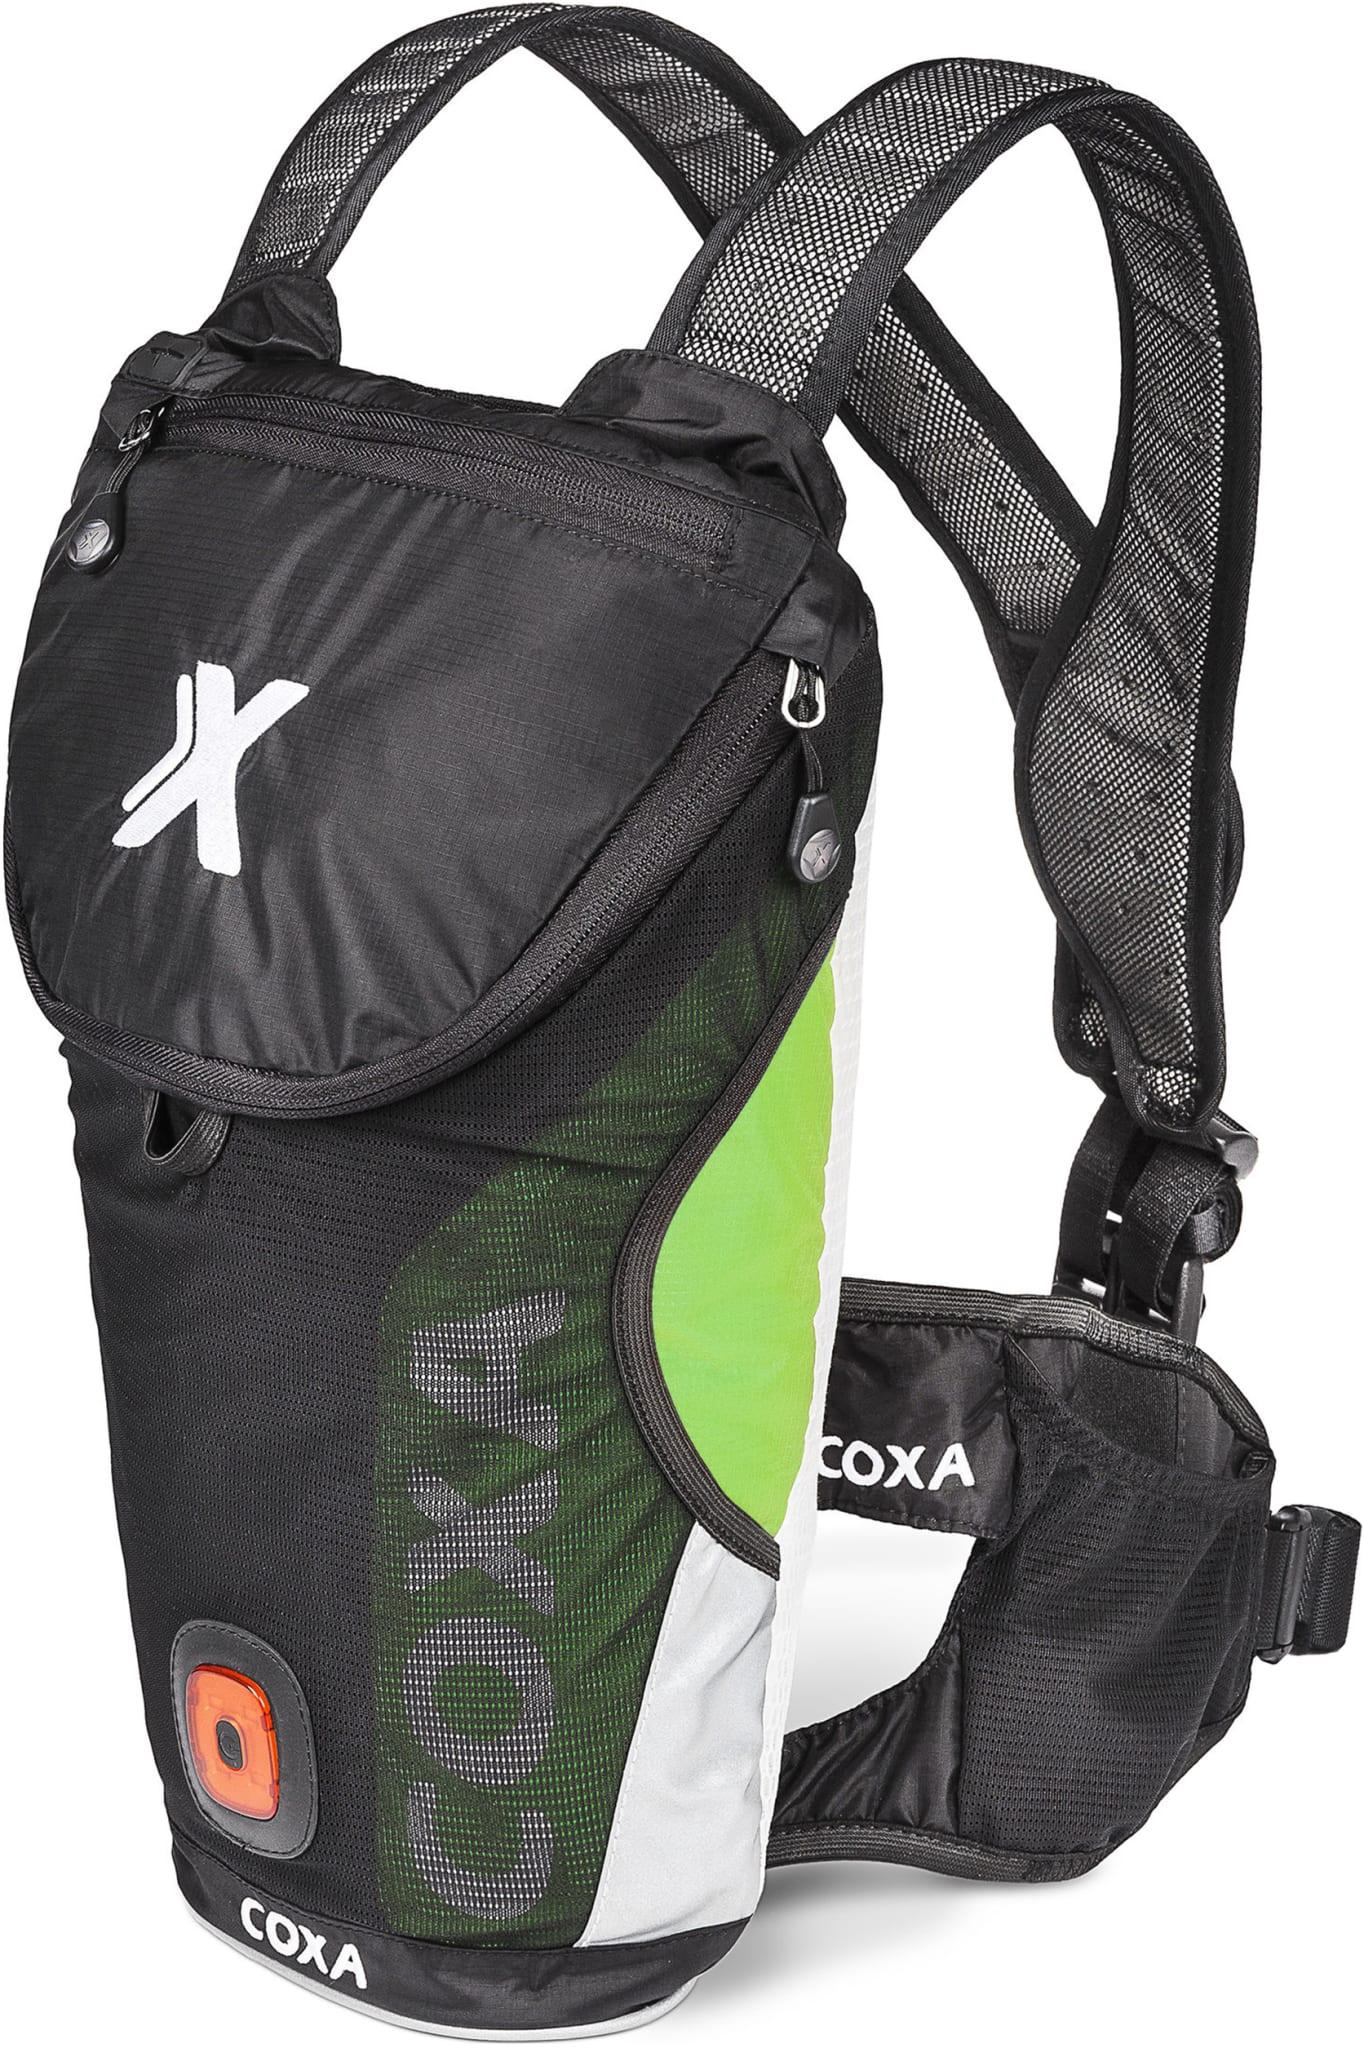 Suveren 5-literssekk fra Coxa til de sporty turene!